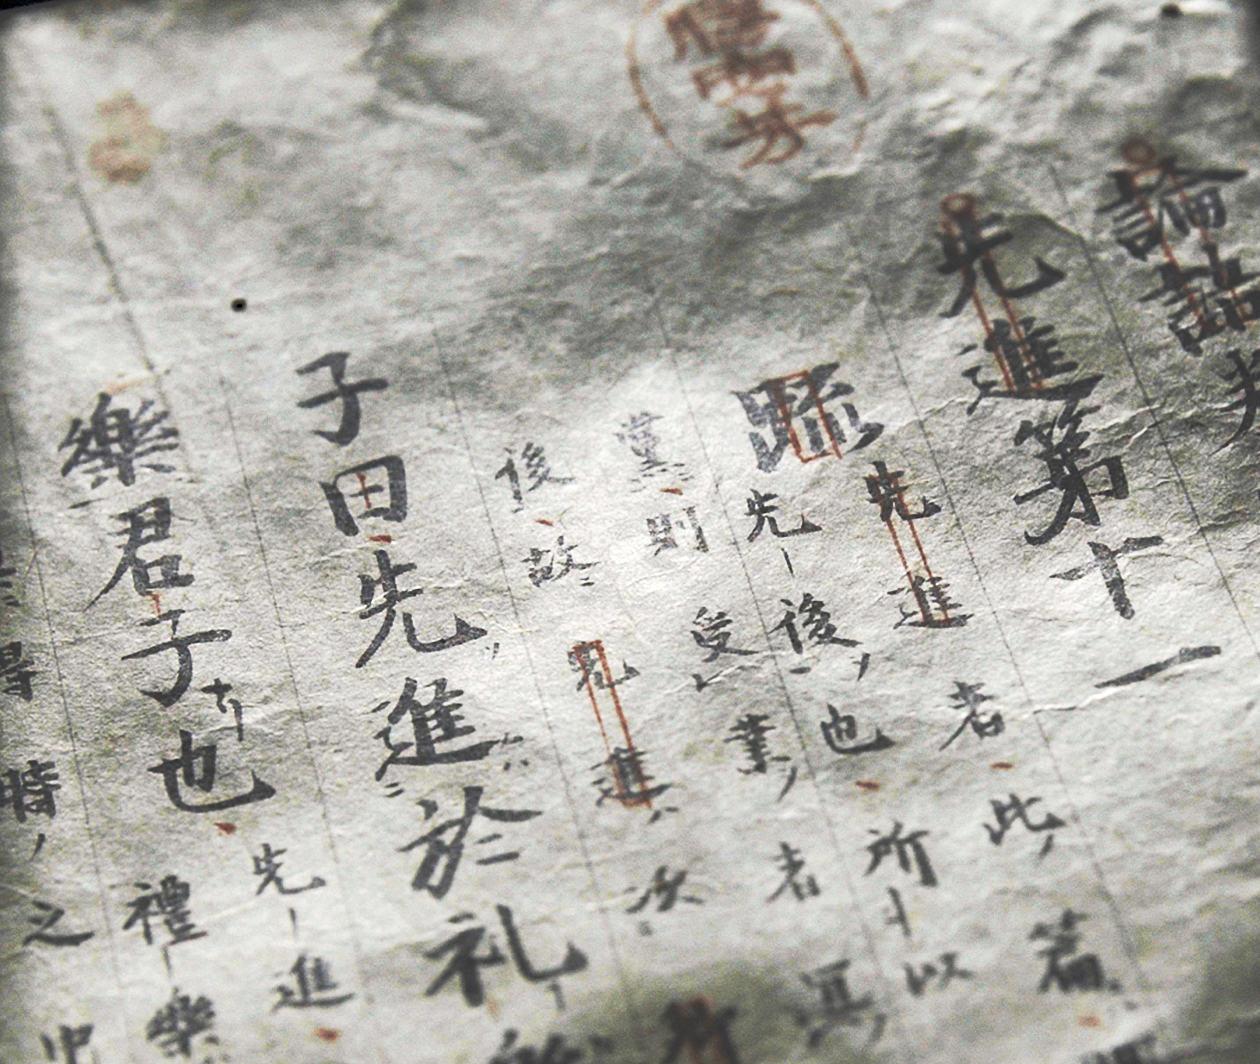 古書から読み解く日本の文化: 漢籍の受容